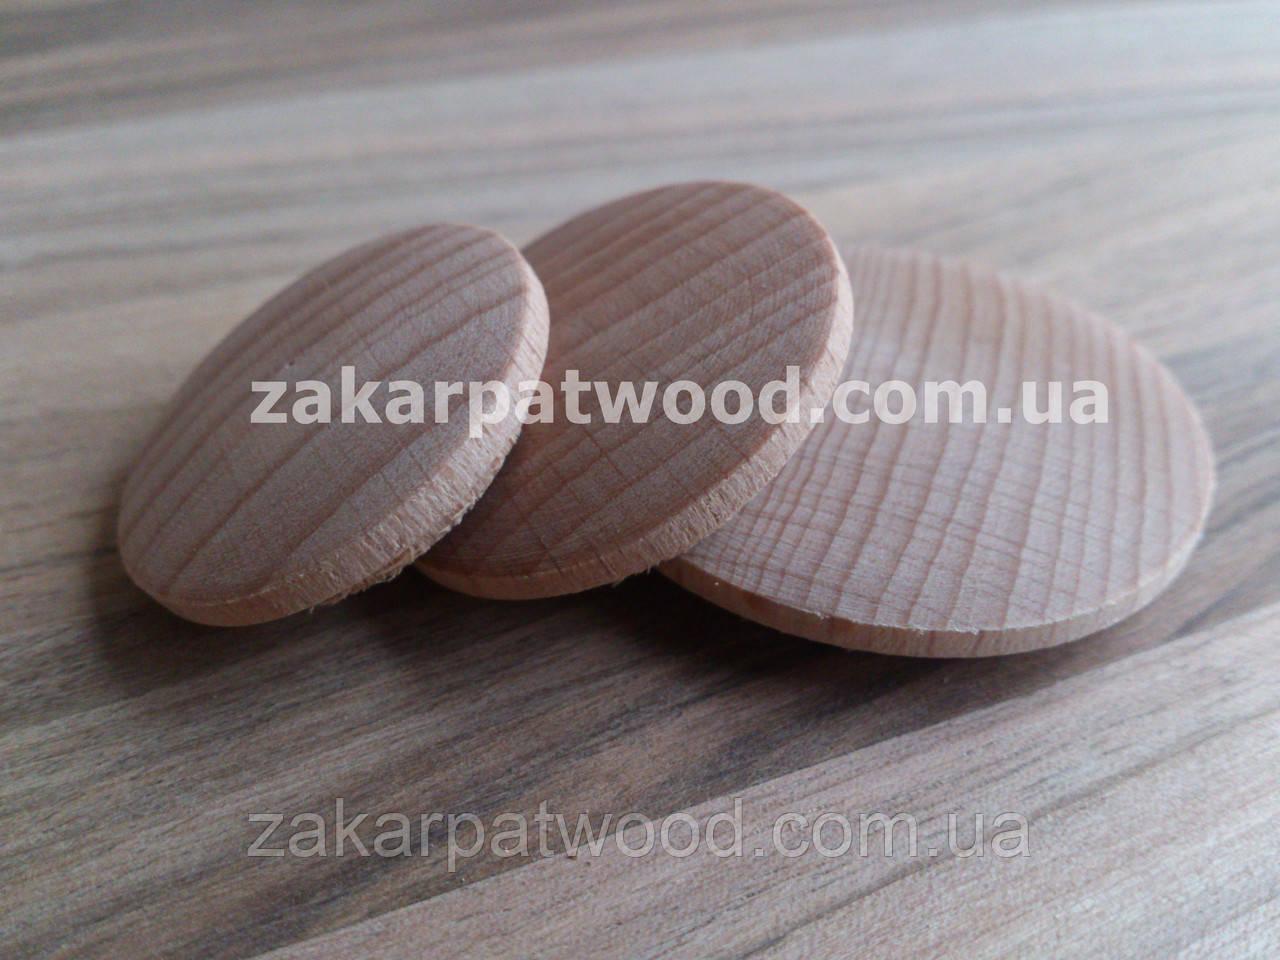 Заглушки дерев'яні 25мм (дуб)_ 100шт